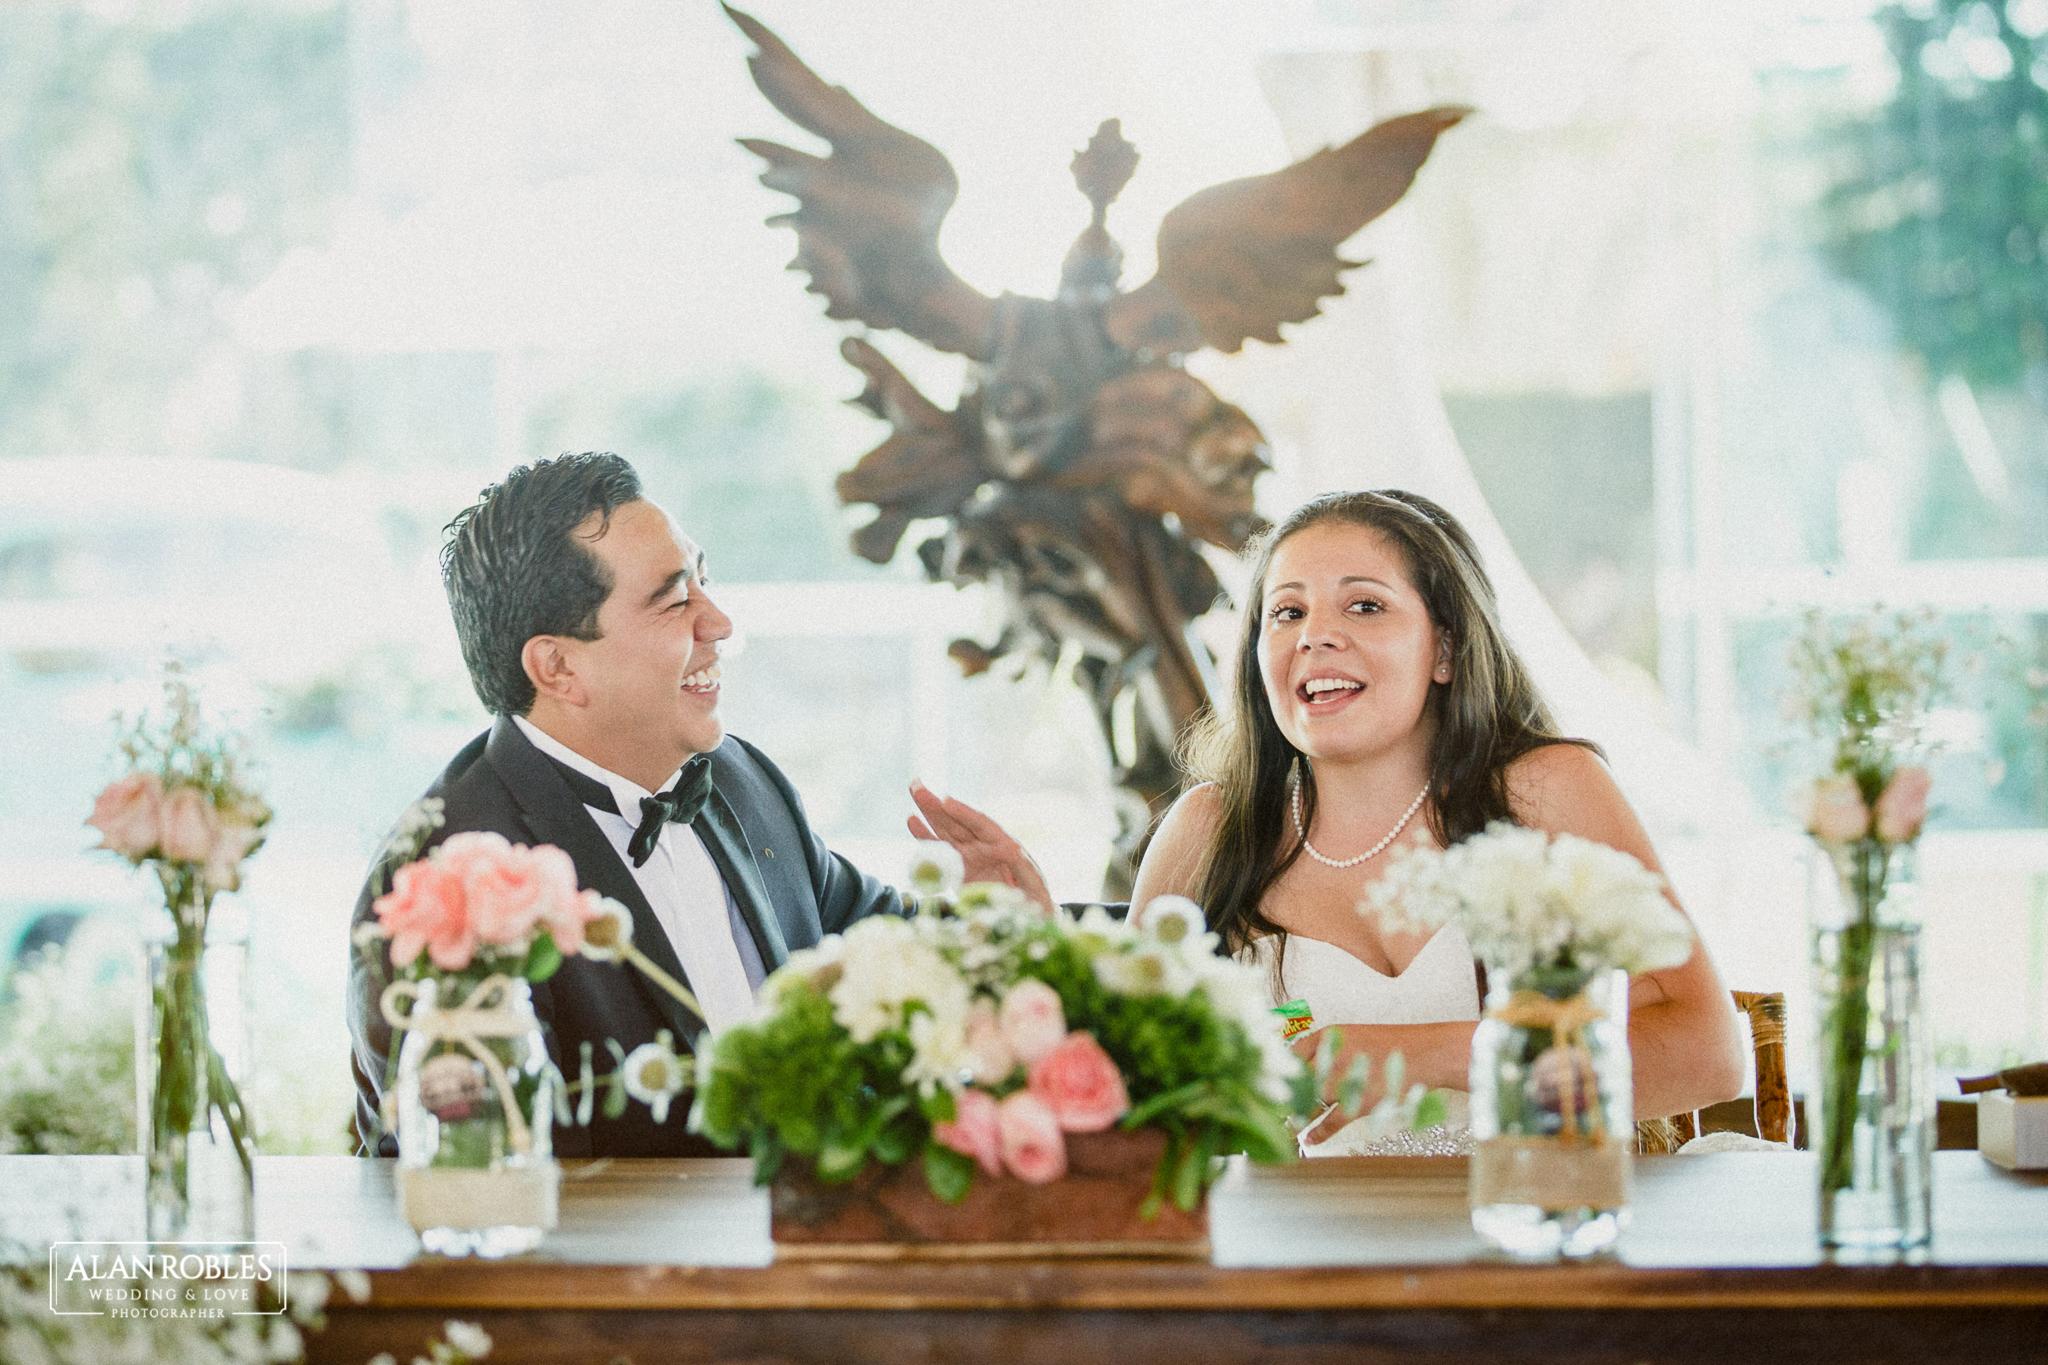 Fotografia de bodas. Novios Riendo en Hacienda Los Pozos. Alan Robles, fotografo de Bodas en Guadalajara.